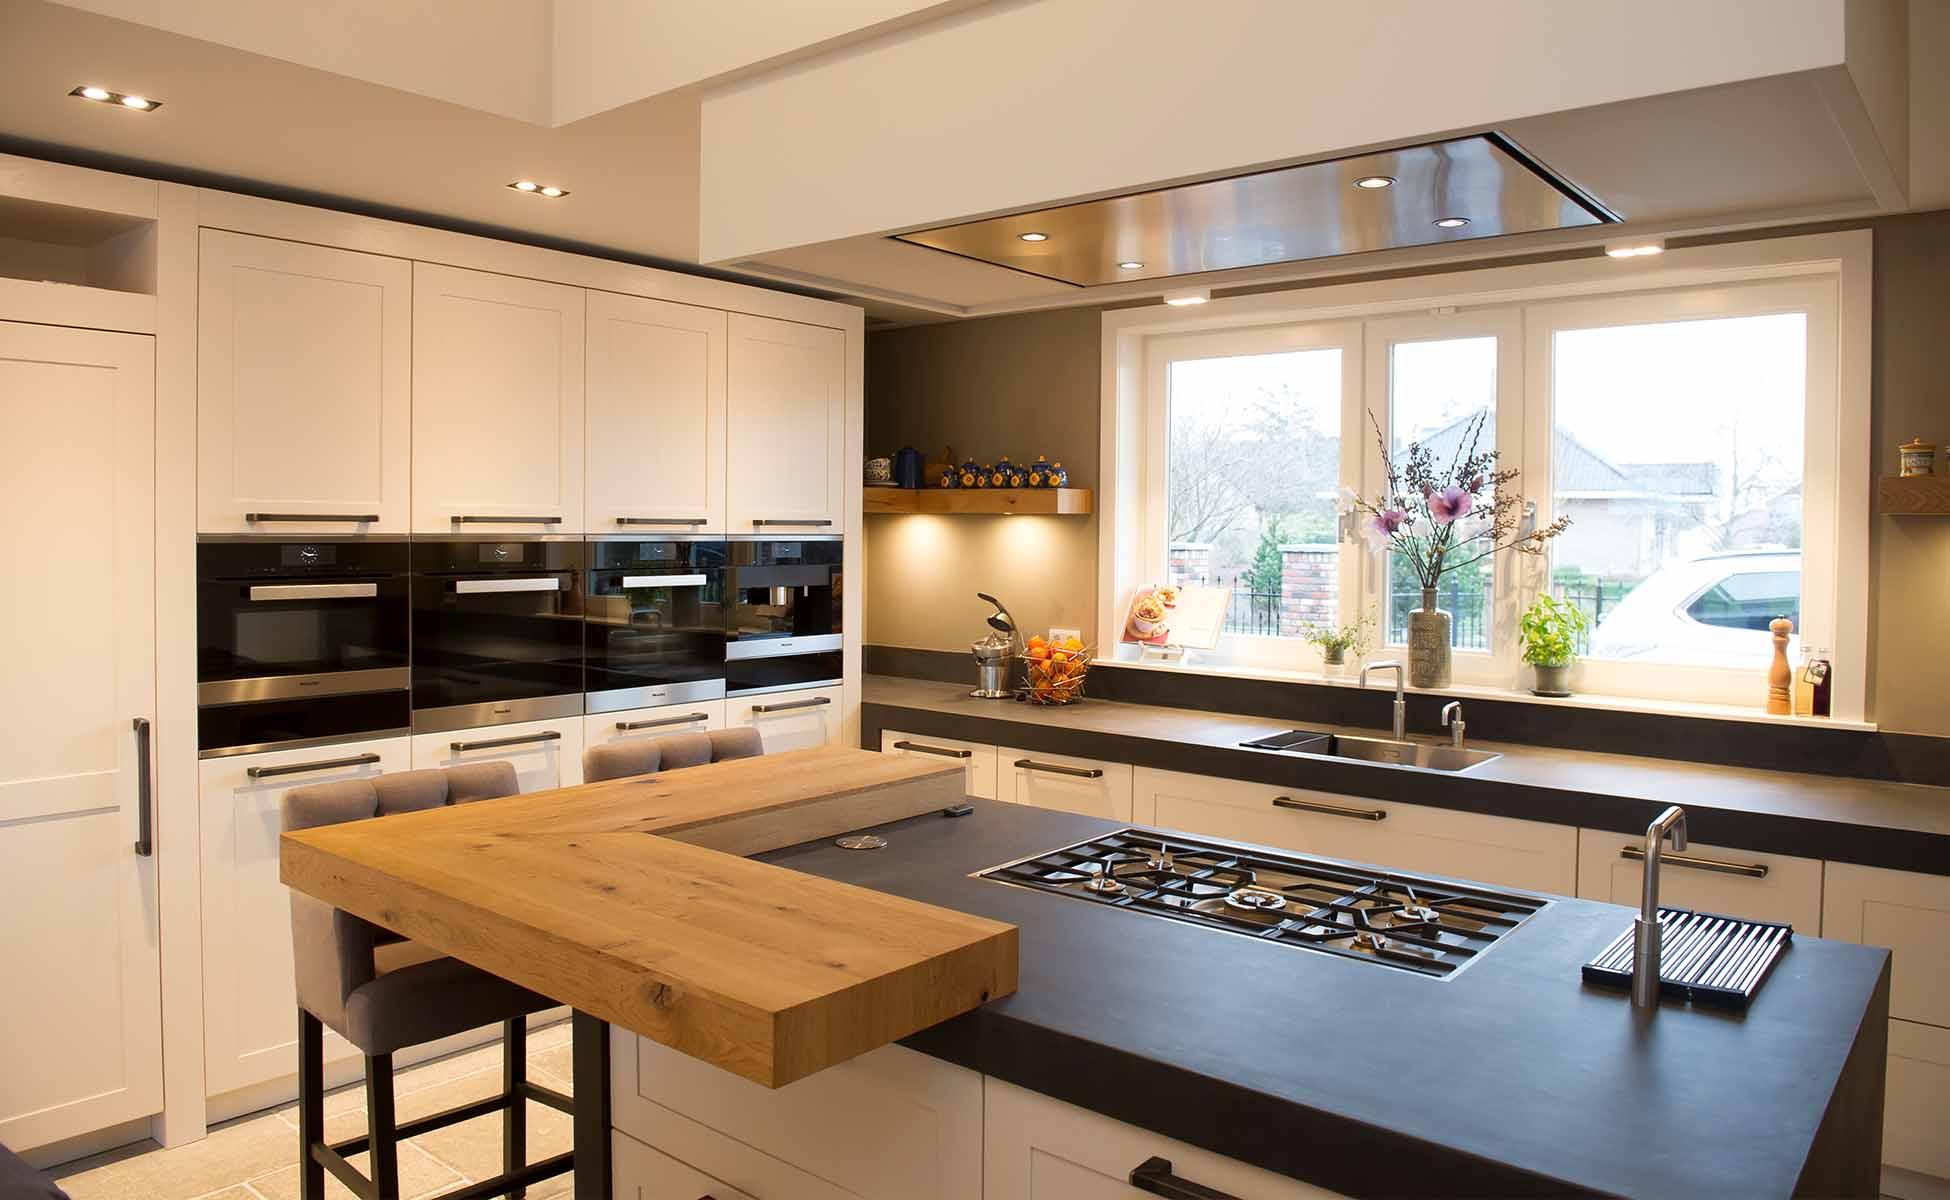 Kuivenhoven Keukens Rijnsburg : Kuivenhoven keukens kuivenhoven keukens